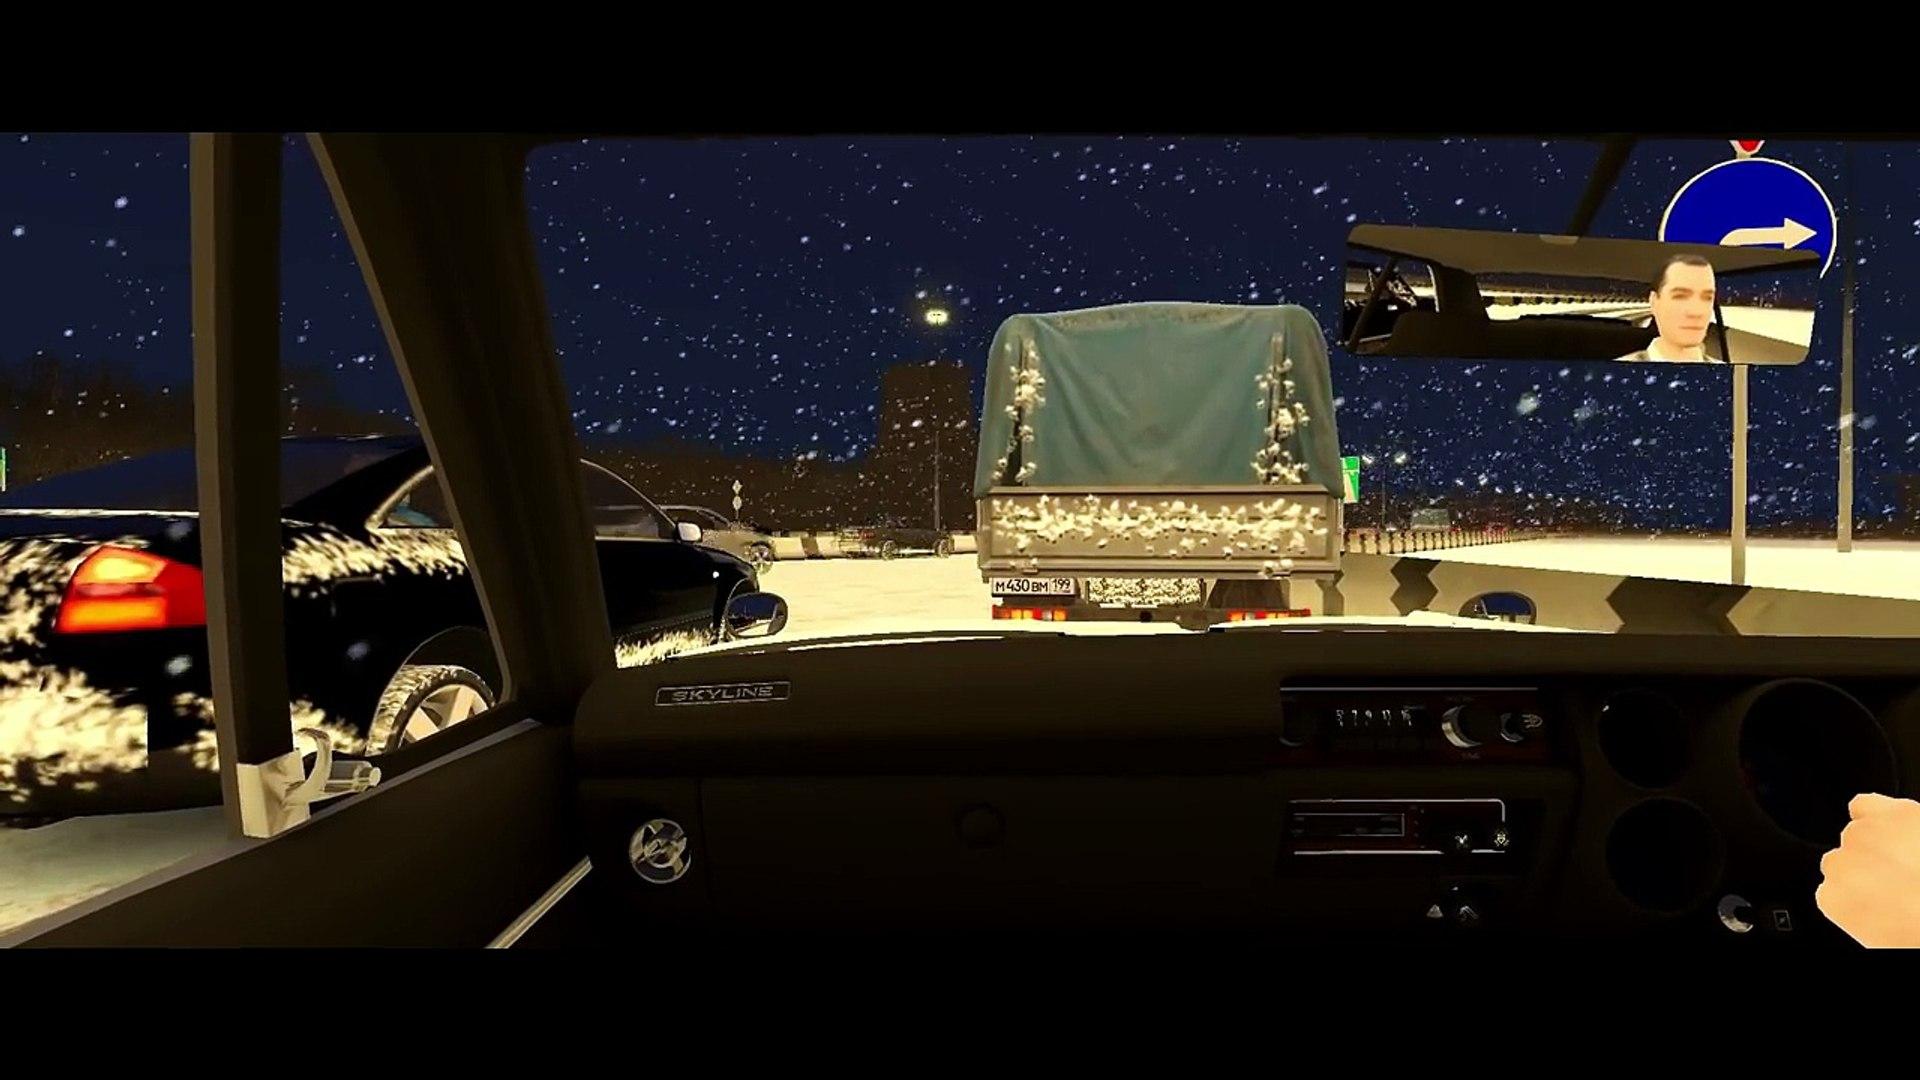 ПОВСЕДНЕВНАЯ ЖИЗНЬ В CITY CAR DRIVING 1.5.3! КУПИЛ БОЕВУЮ КЛАССИКУ! ПОПАЛ В ДТП!